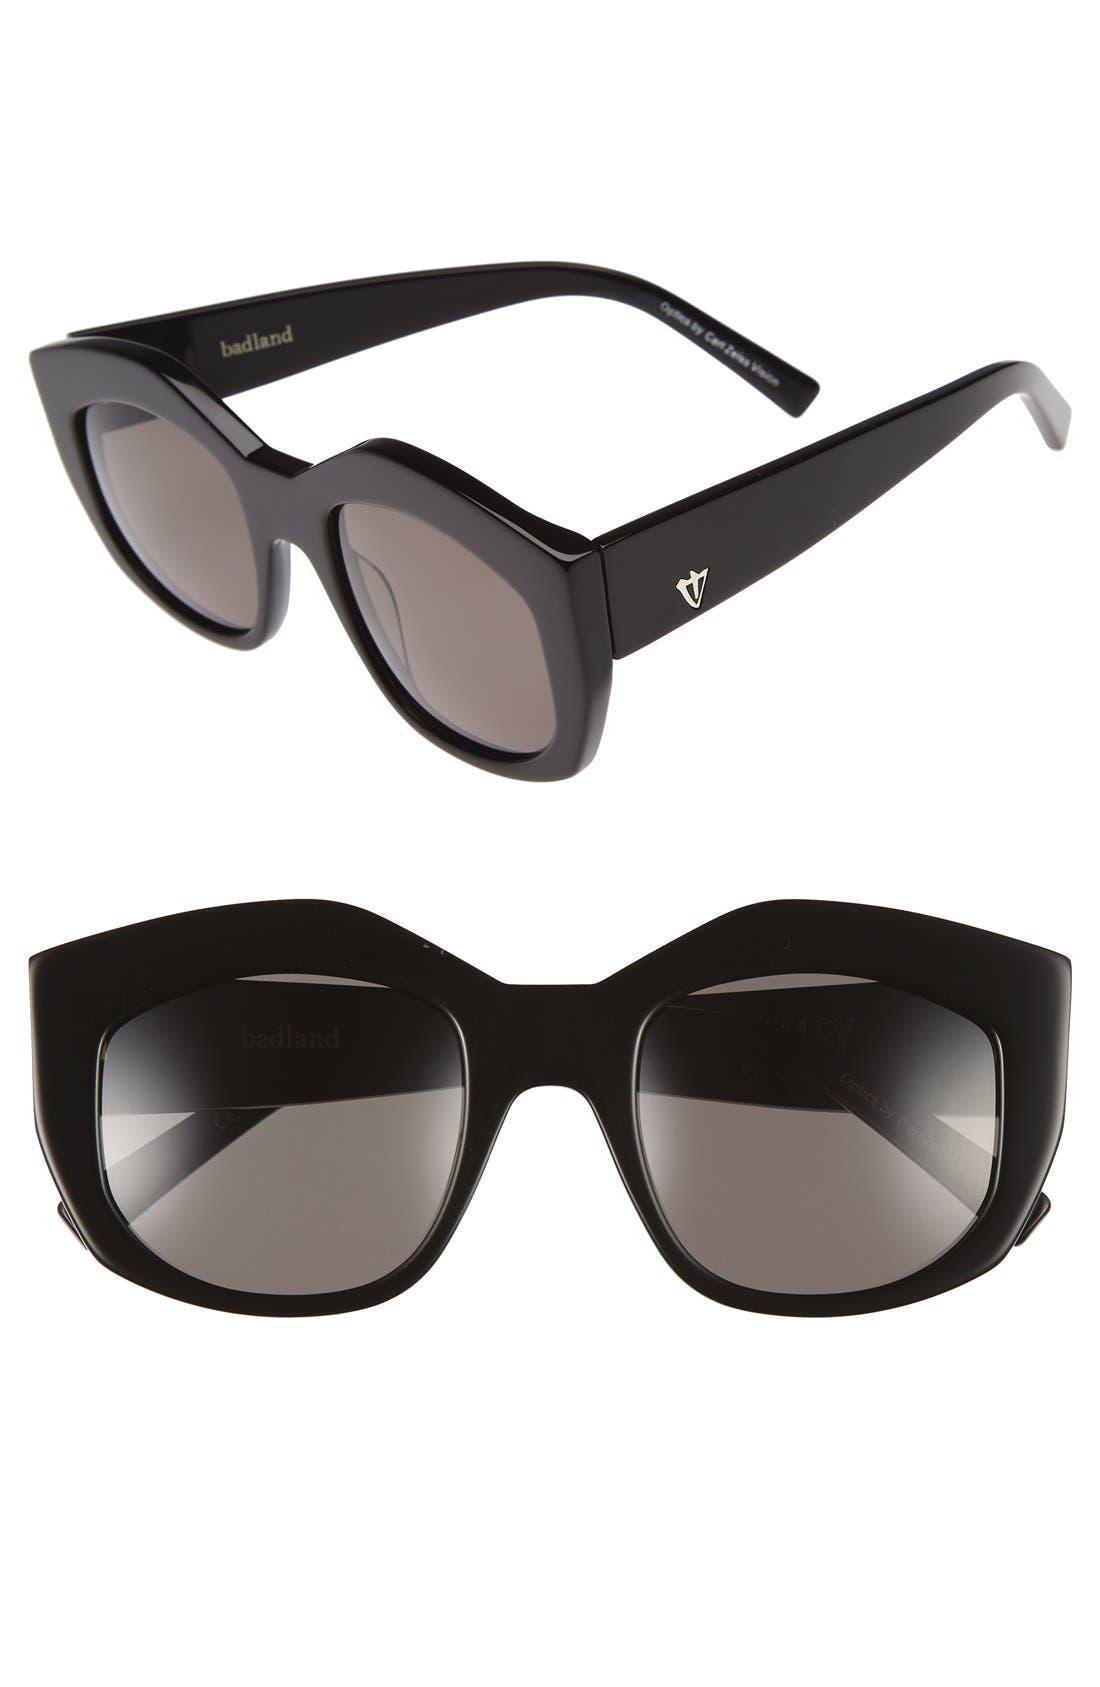 50mm Badland Sunglasses,                             Main thumbnail 1, color,                             Gloss Black